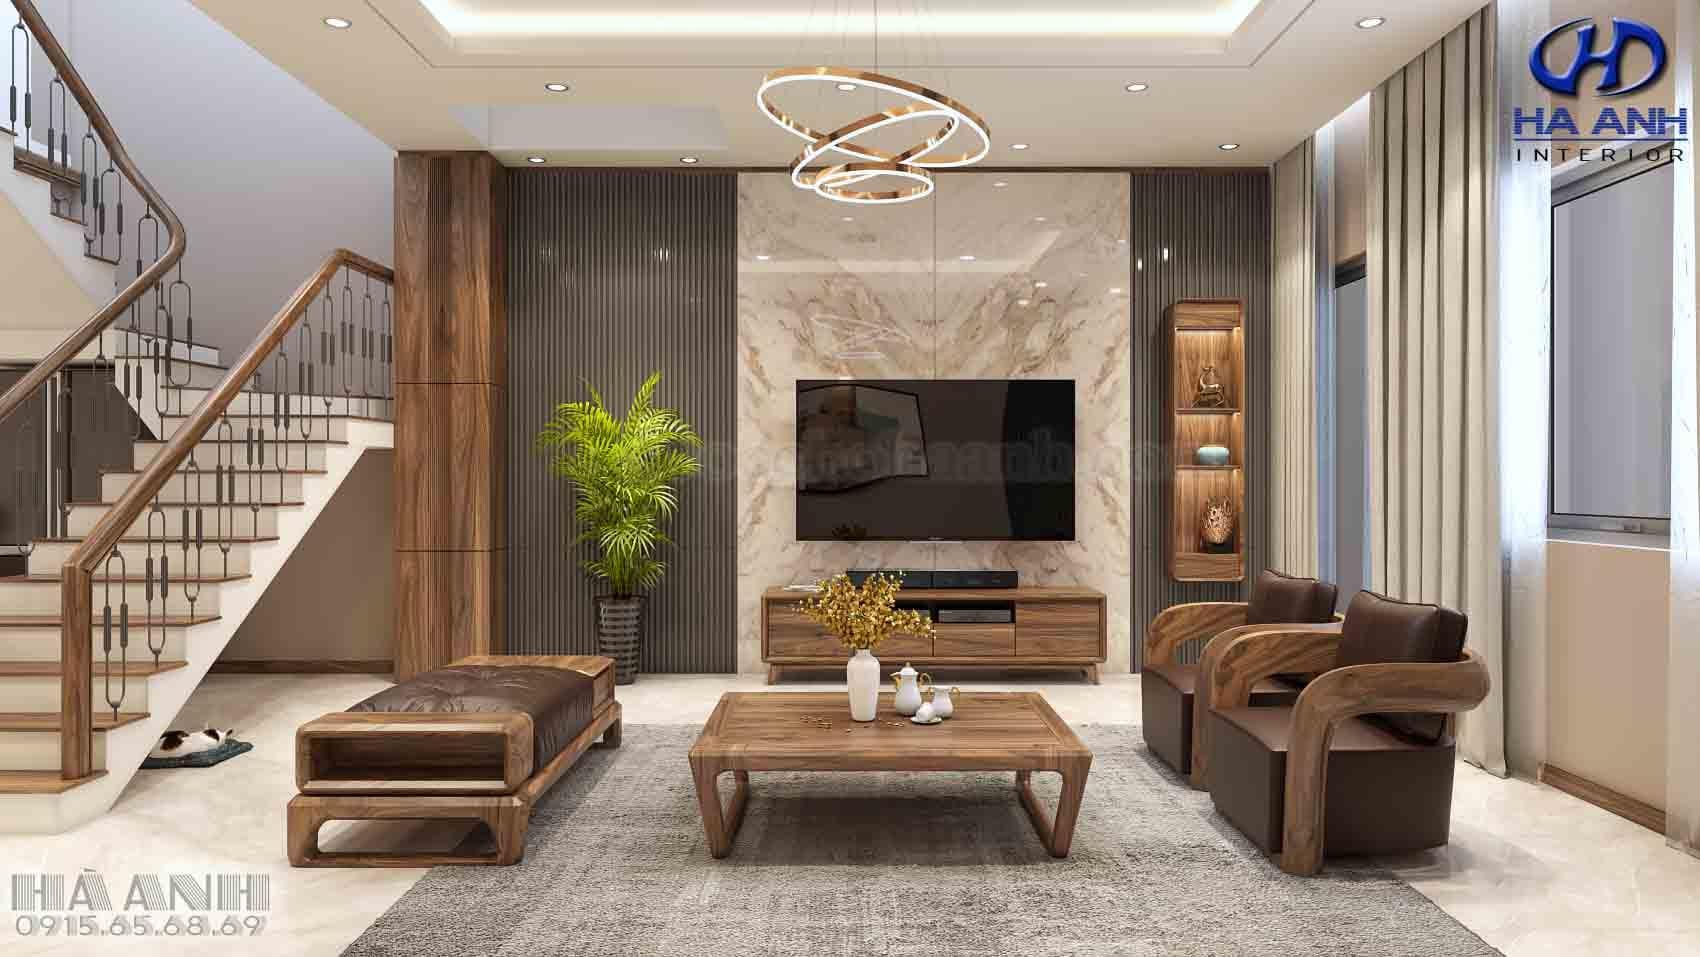 Mẫu Sofa Hiện Đại Sang Trọng Bậc Nhất